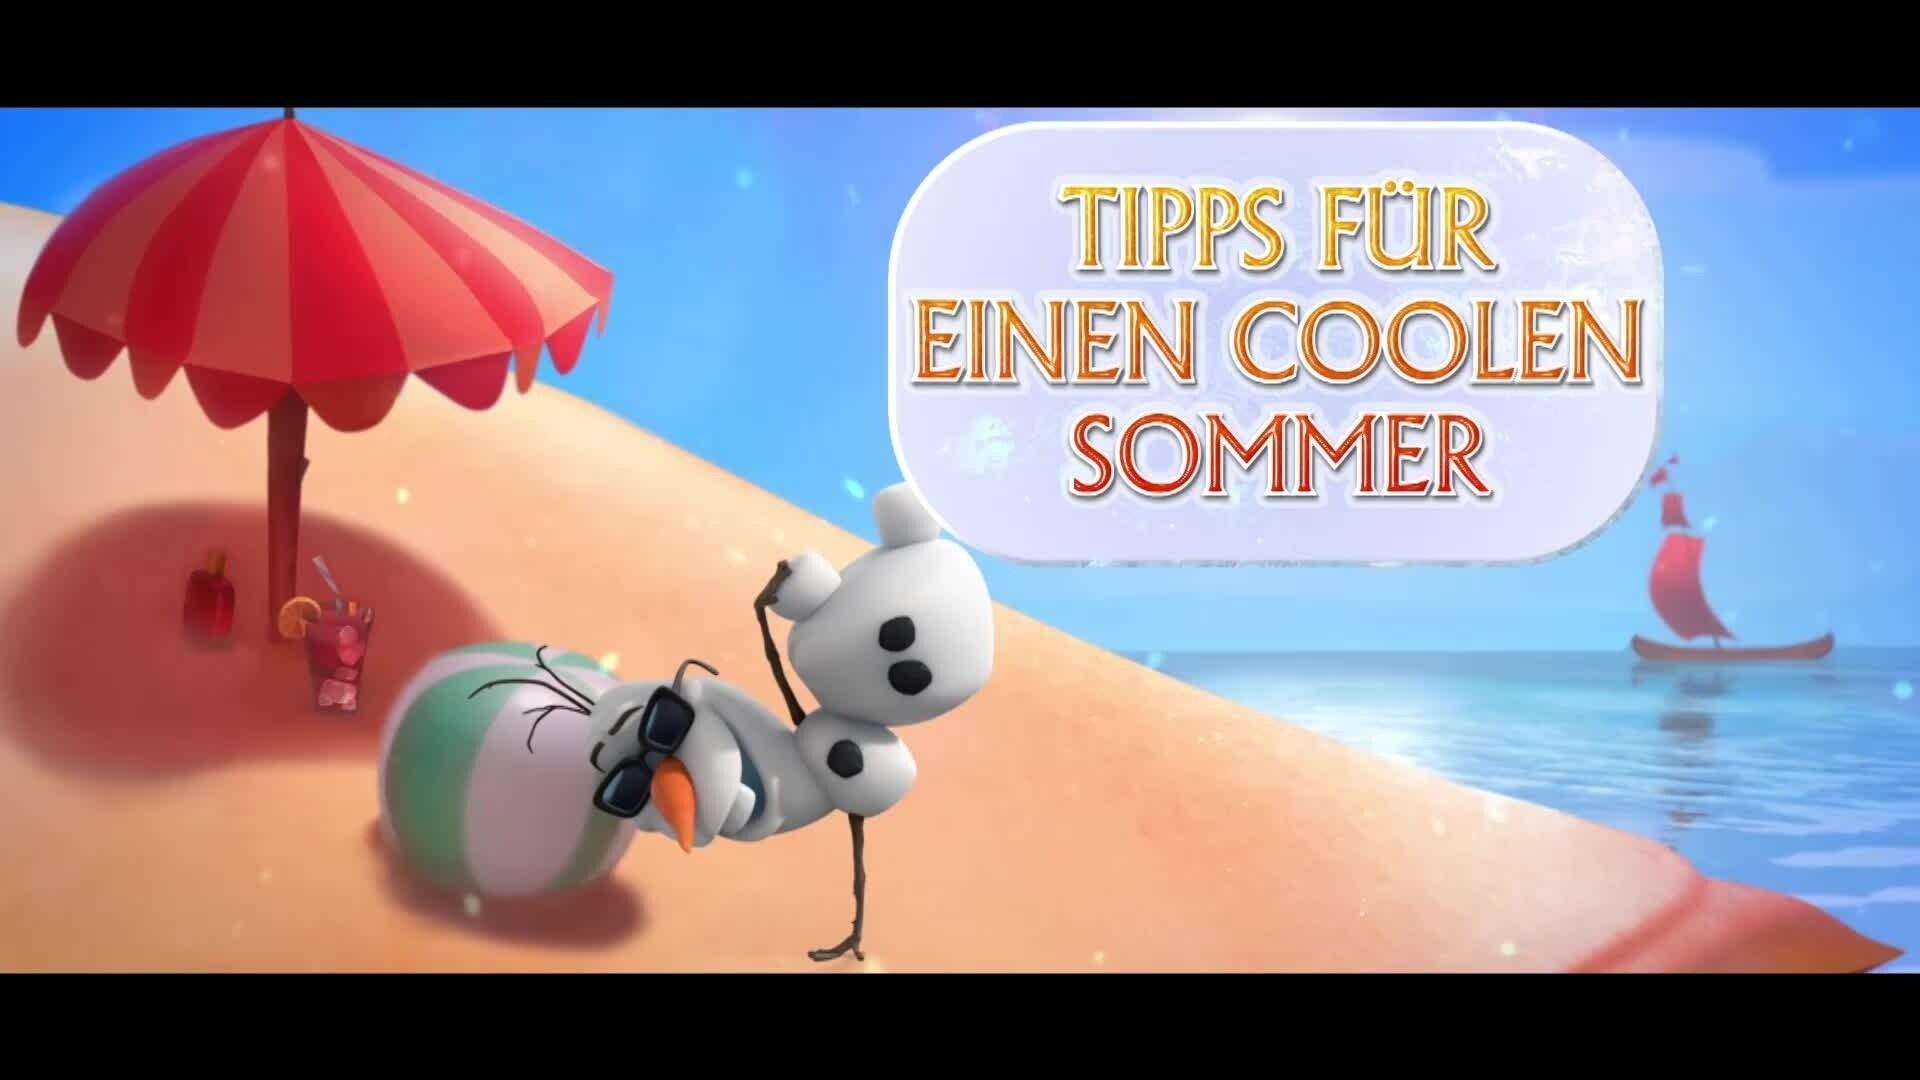 Essen und Trinken: Olafs coole Sommer-Tipps